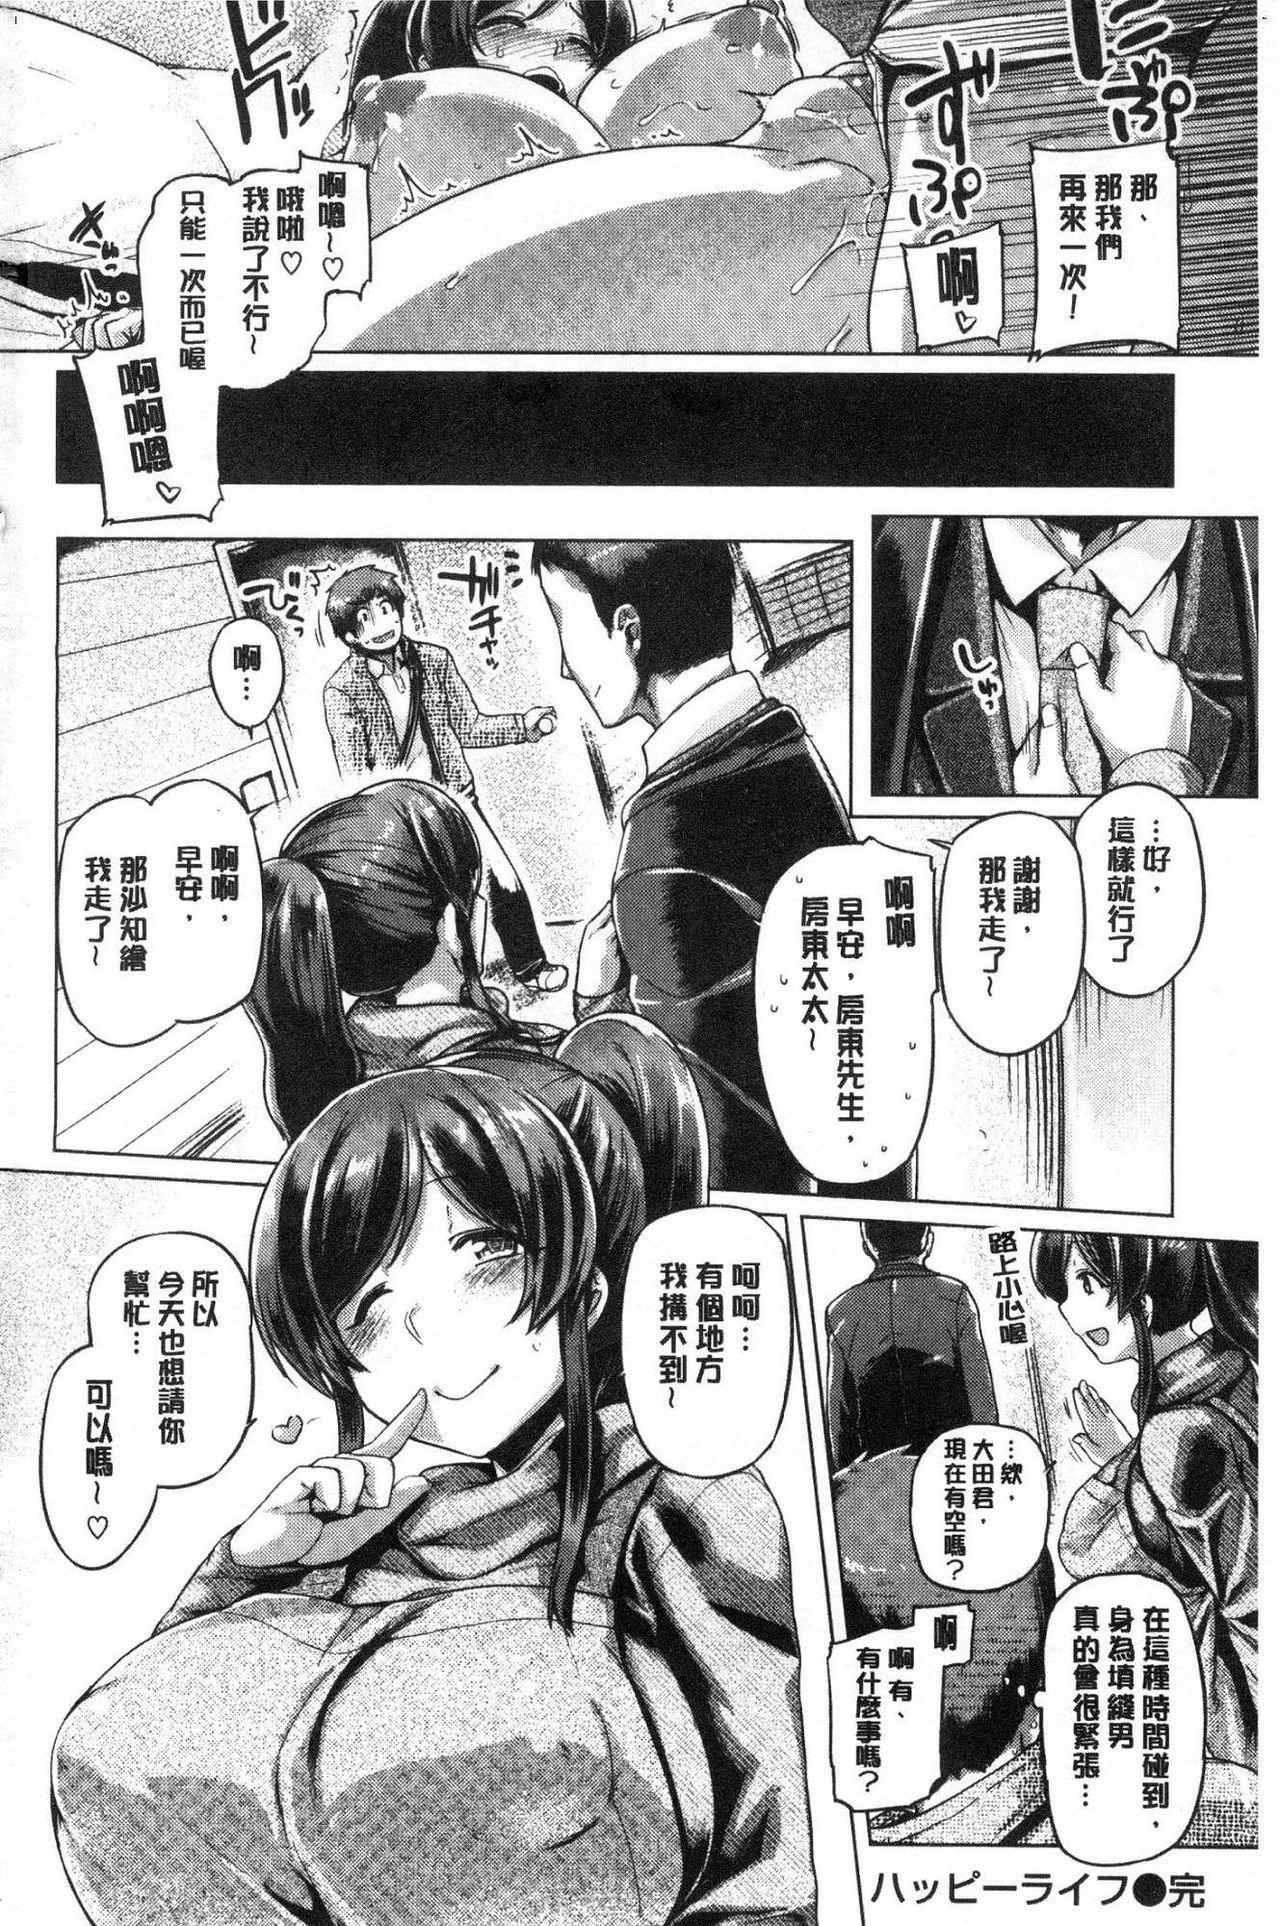 Chichi Shiri Futomomo 192